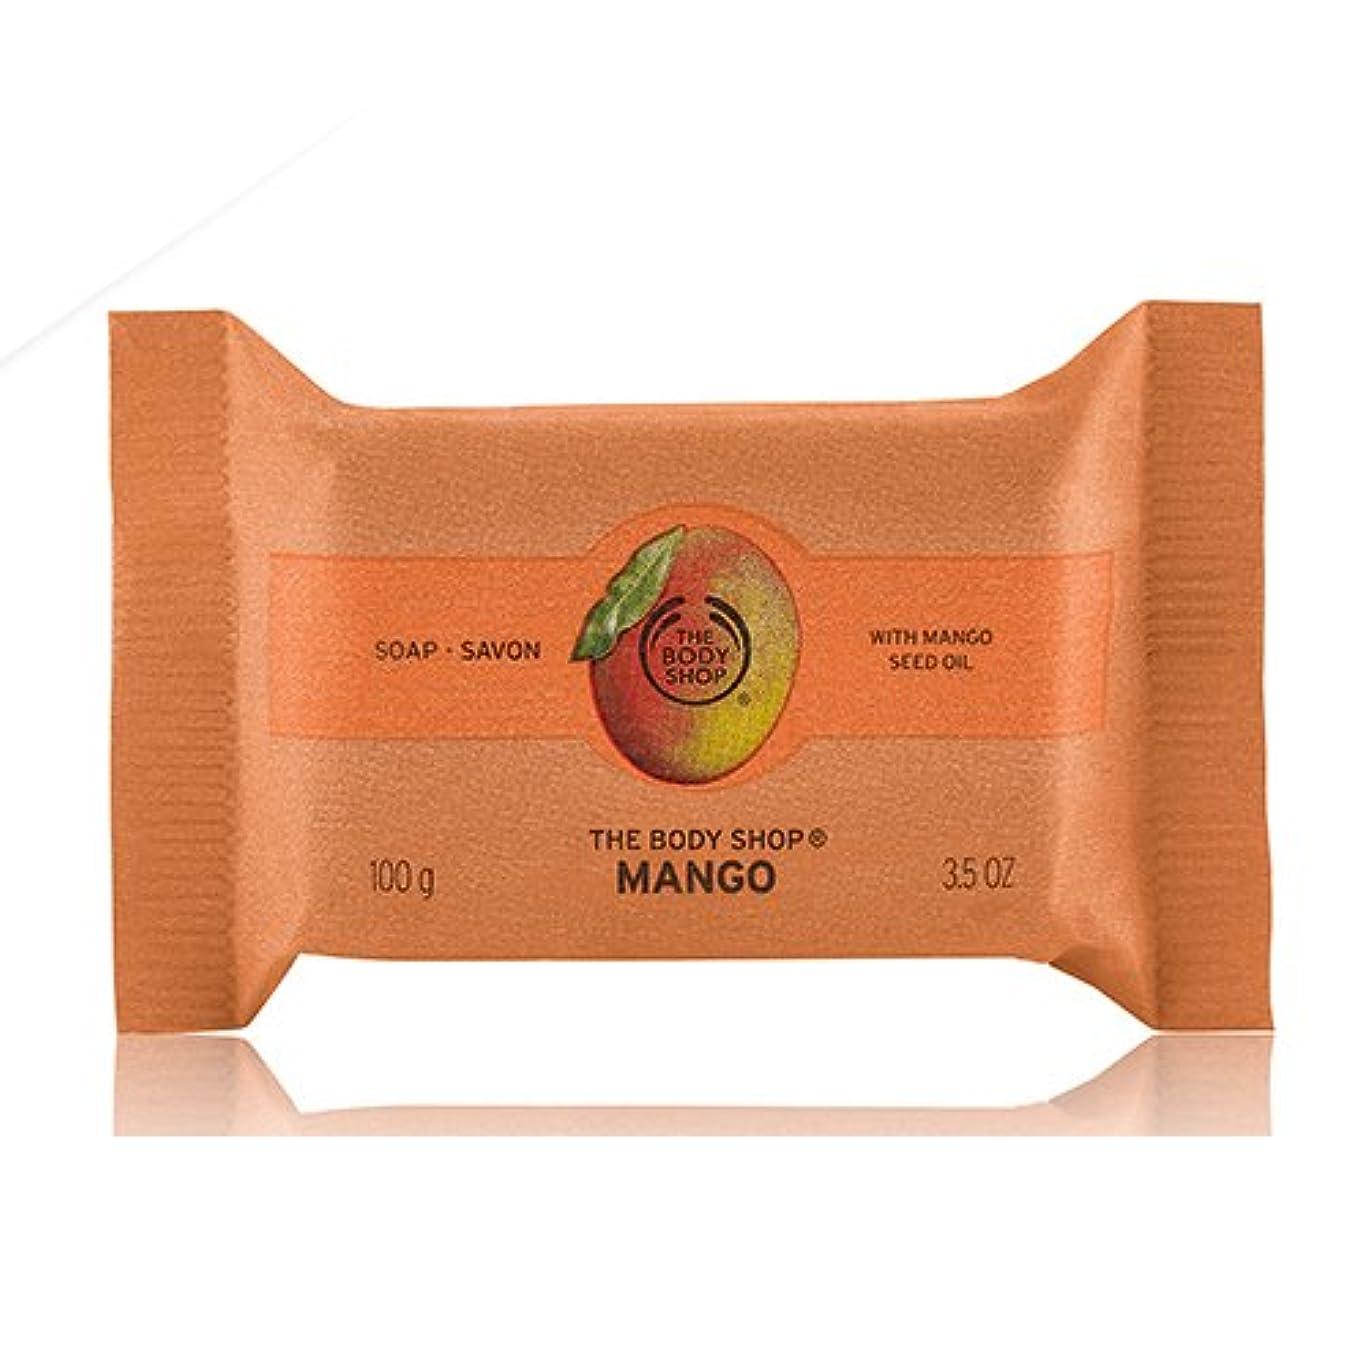 市場打ち上げる解放THE BODY SHOP ザ?ボディショップ ソープ マンゴー 標準重量100g【正規品】